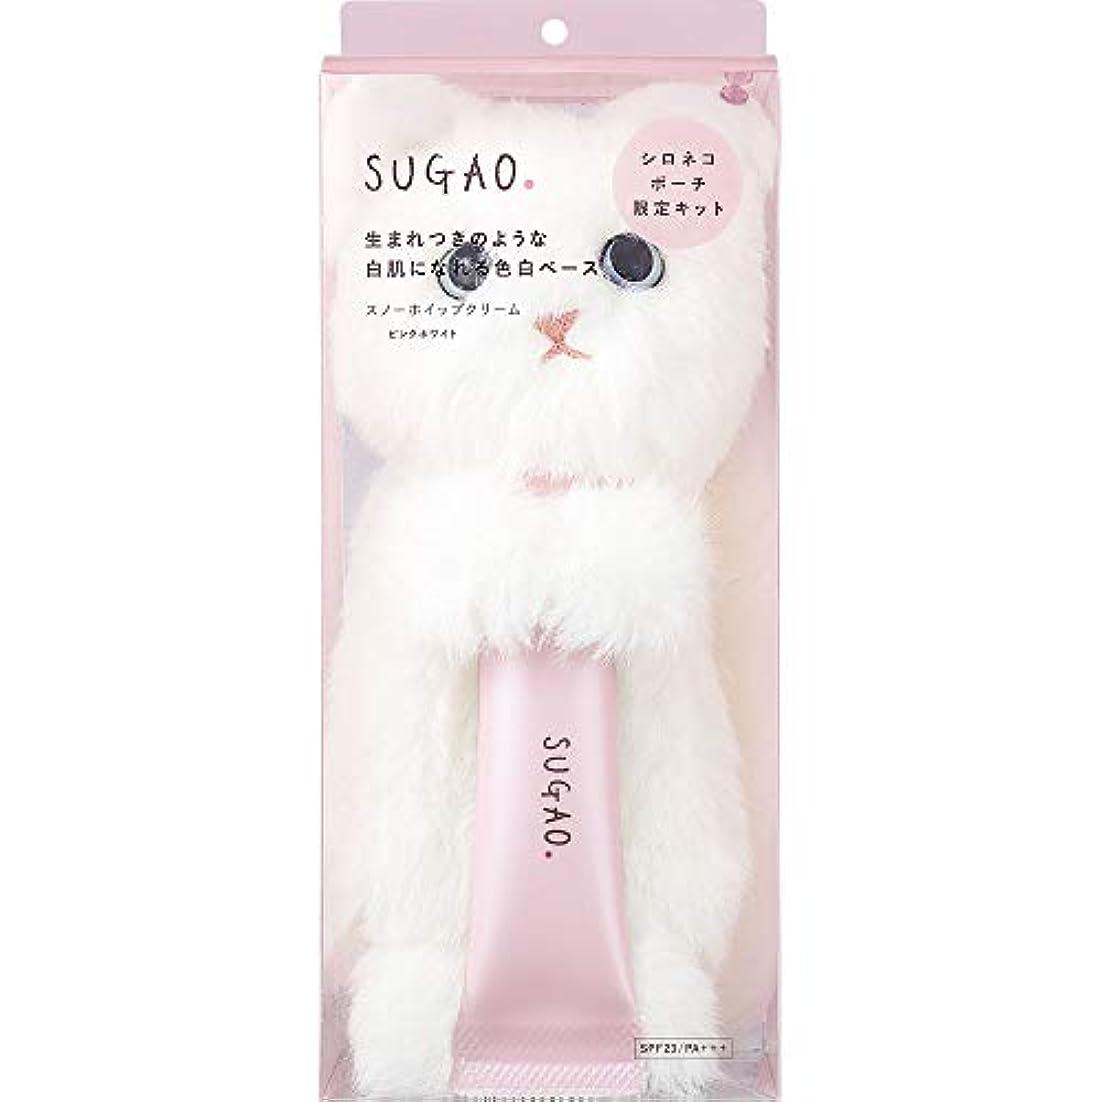 肥沃な長椅子過激派スガオ (SUGAO) 化粧下地 スノーホイップクリーム シロネコポーチ付き